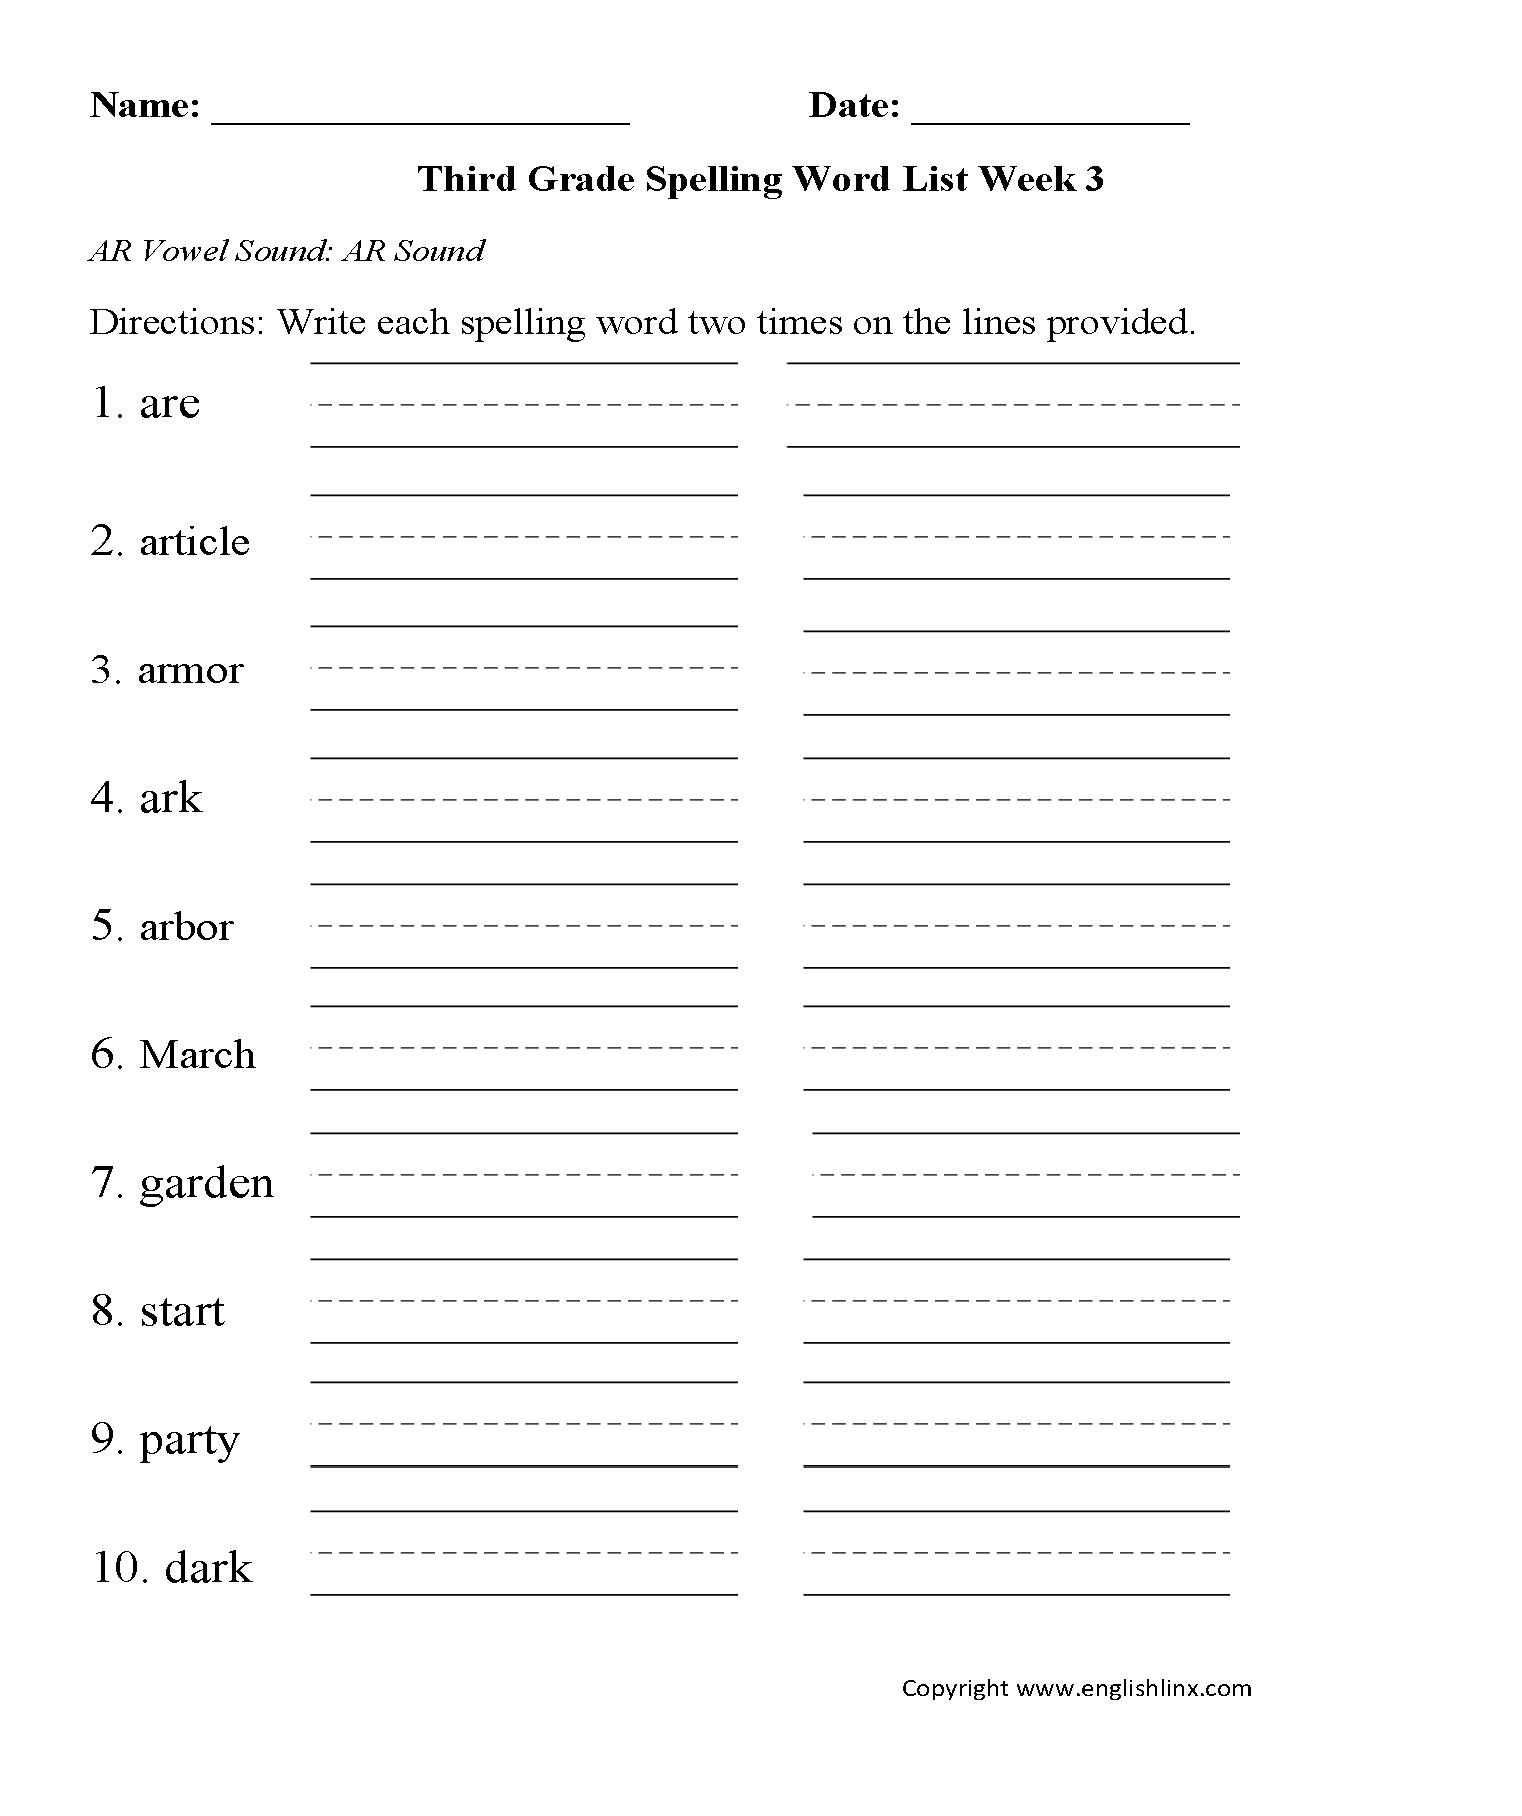 Spelling Worksheets | Third Grade Spelling Words Worksheets